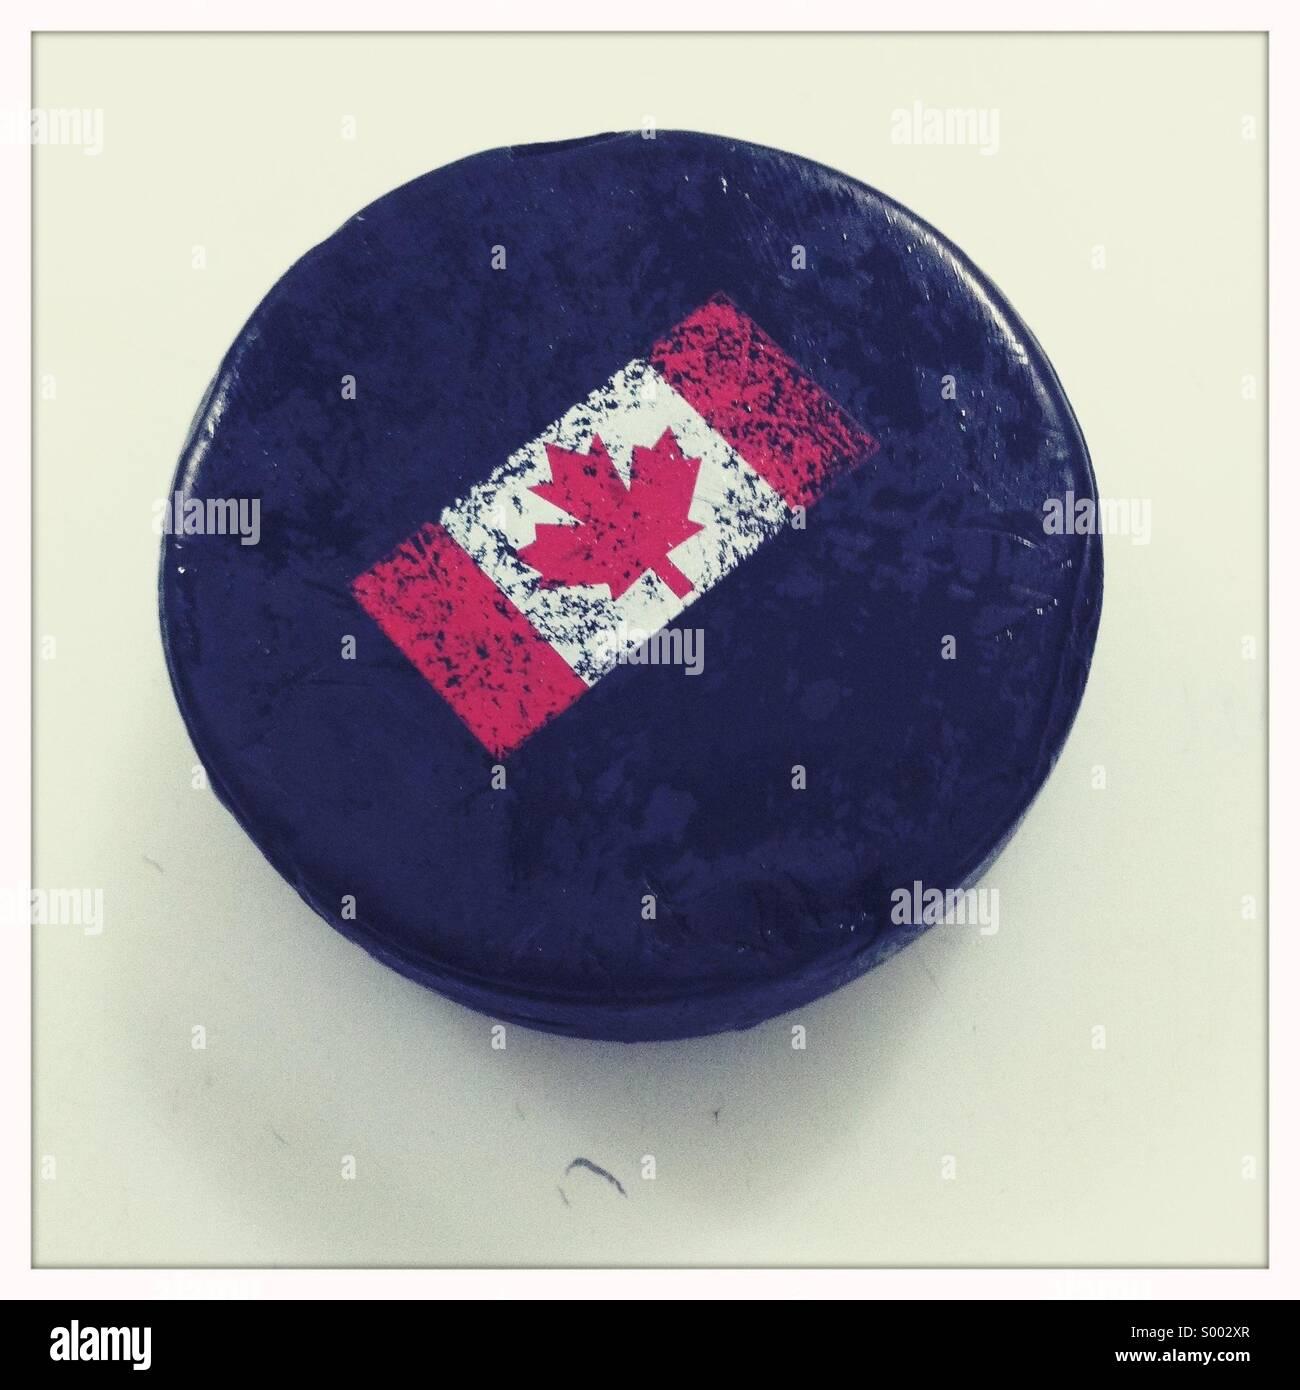 Ein schwarzes Eis-Hockey-Puck mit einer kanadischen Flagge gemalt. Stockbild